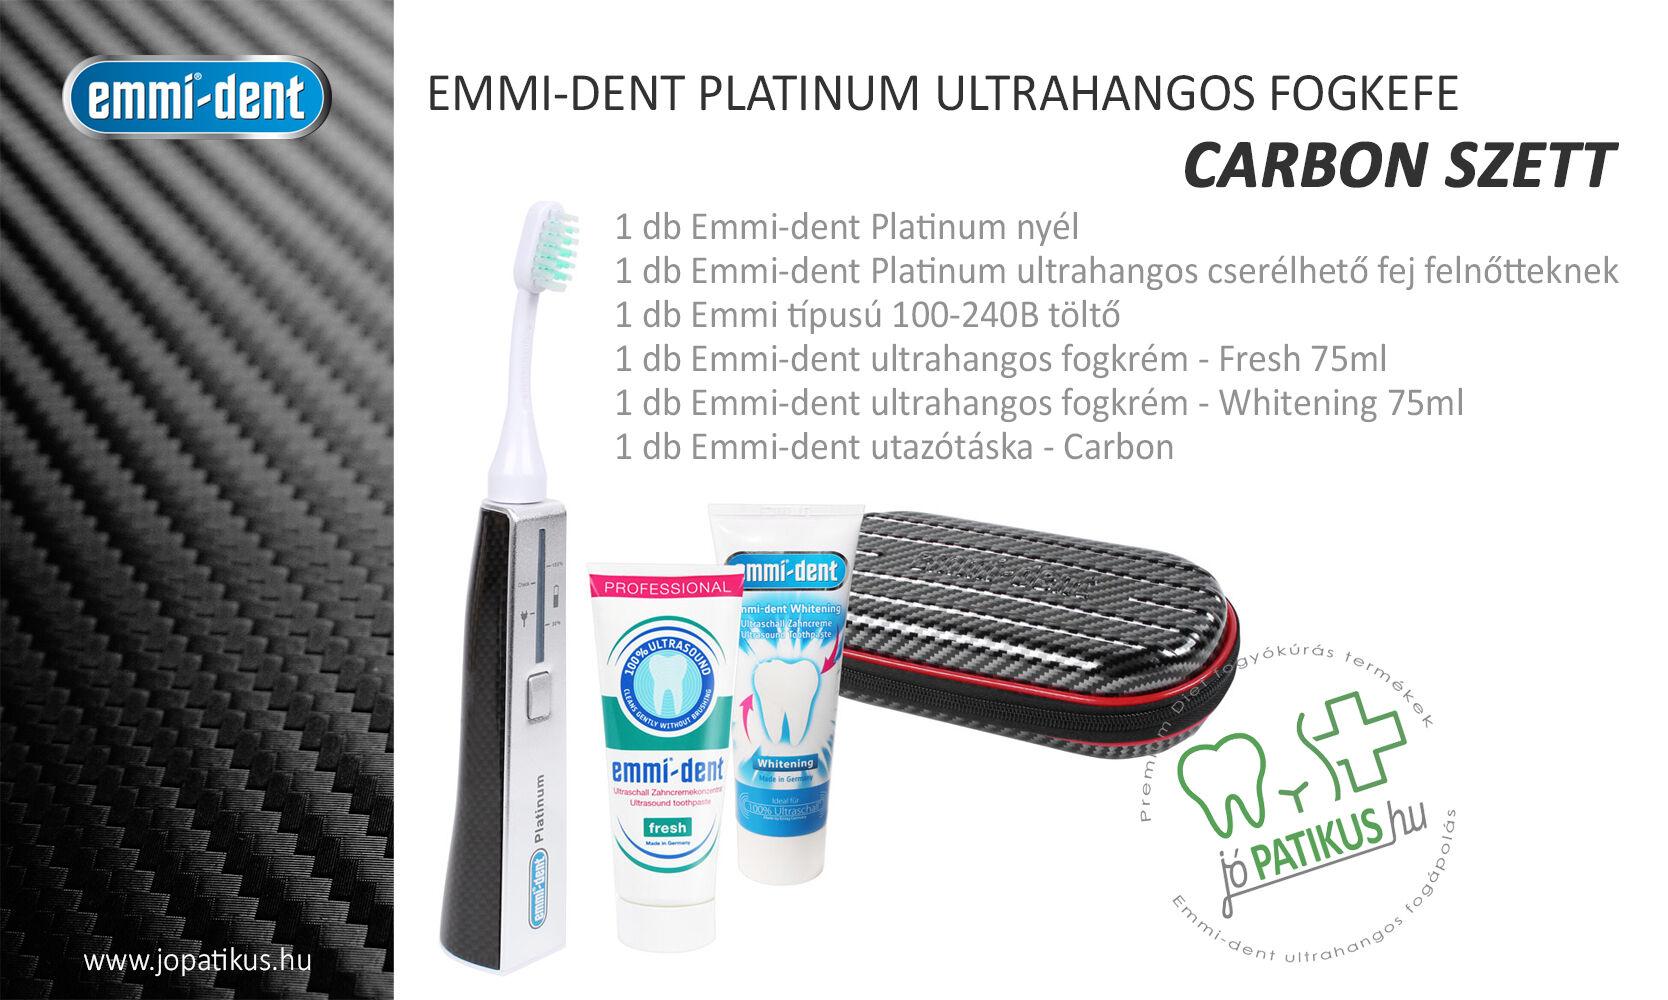 Emmi-dent ultrahangos fogkefe, carbon szett - jopatikus.hu